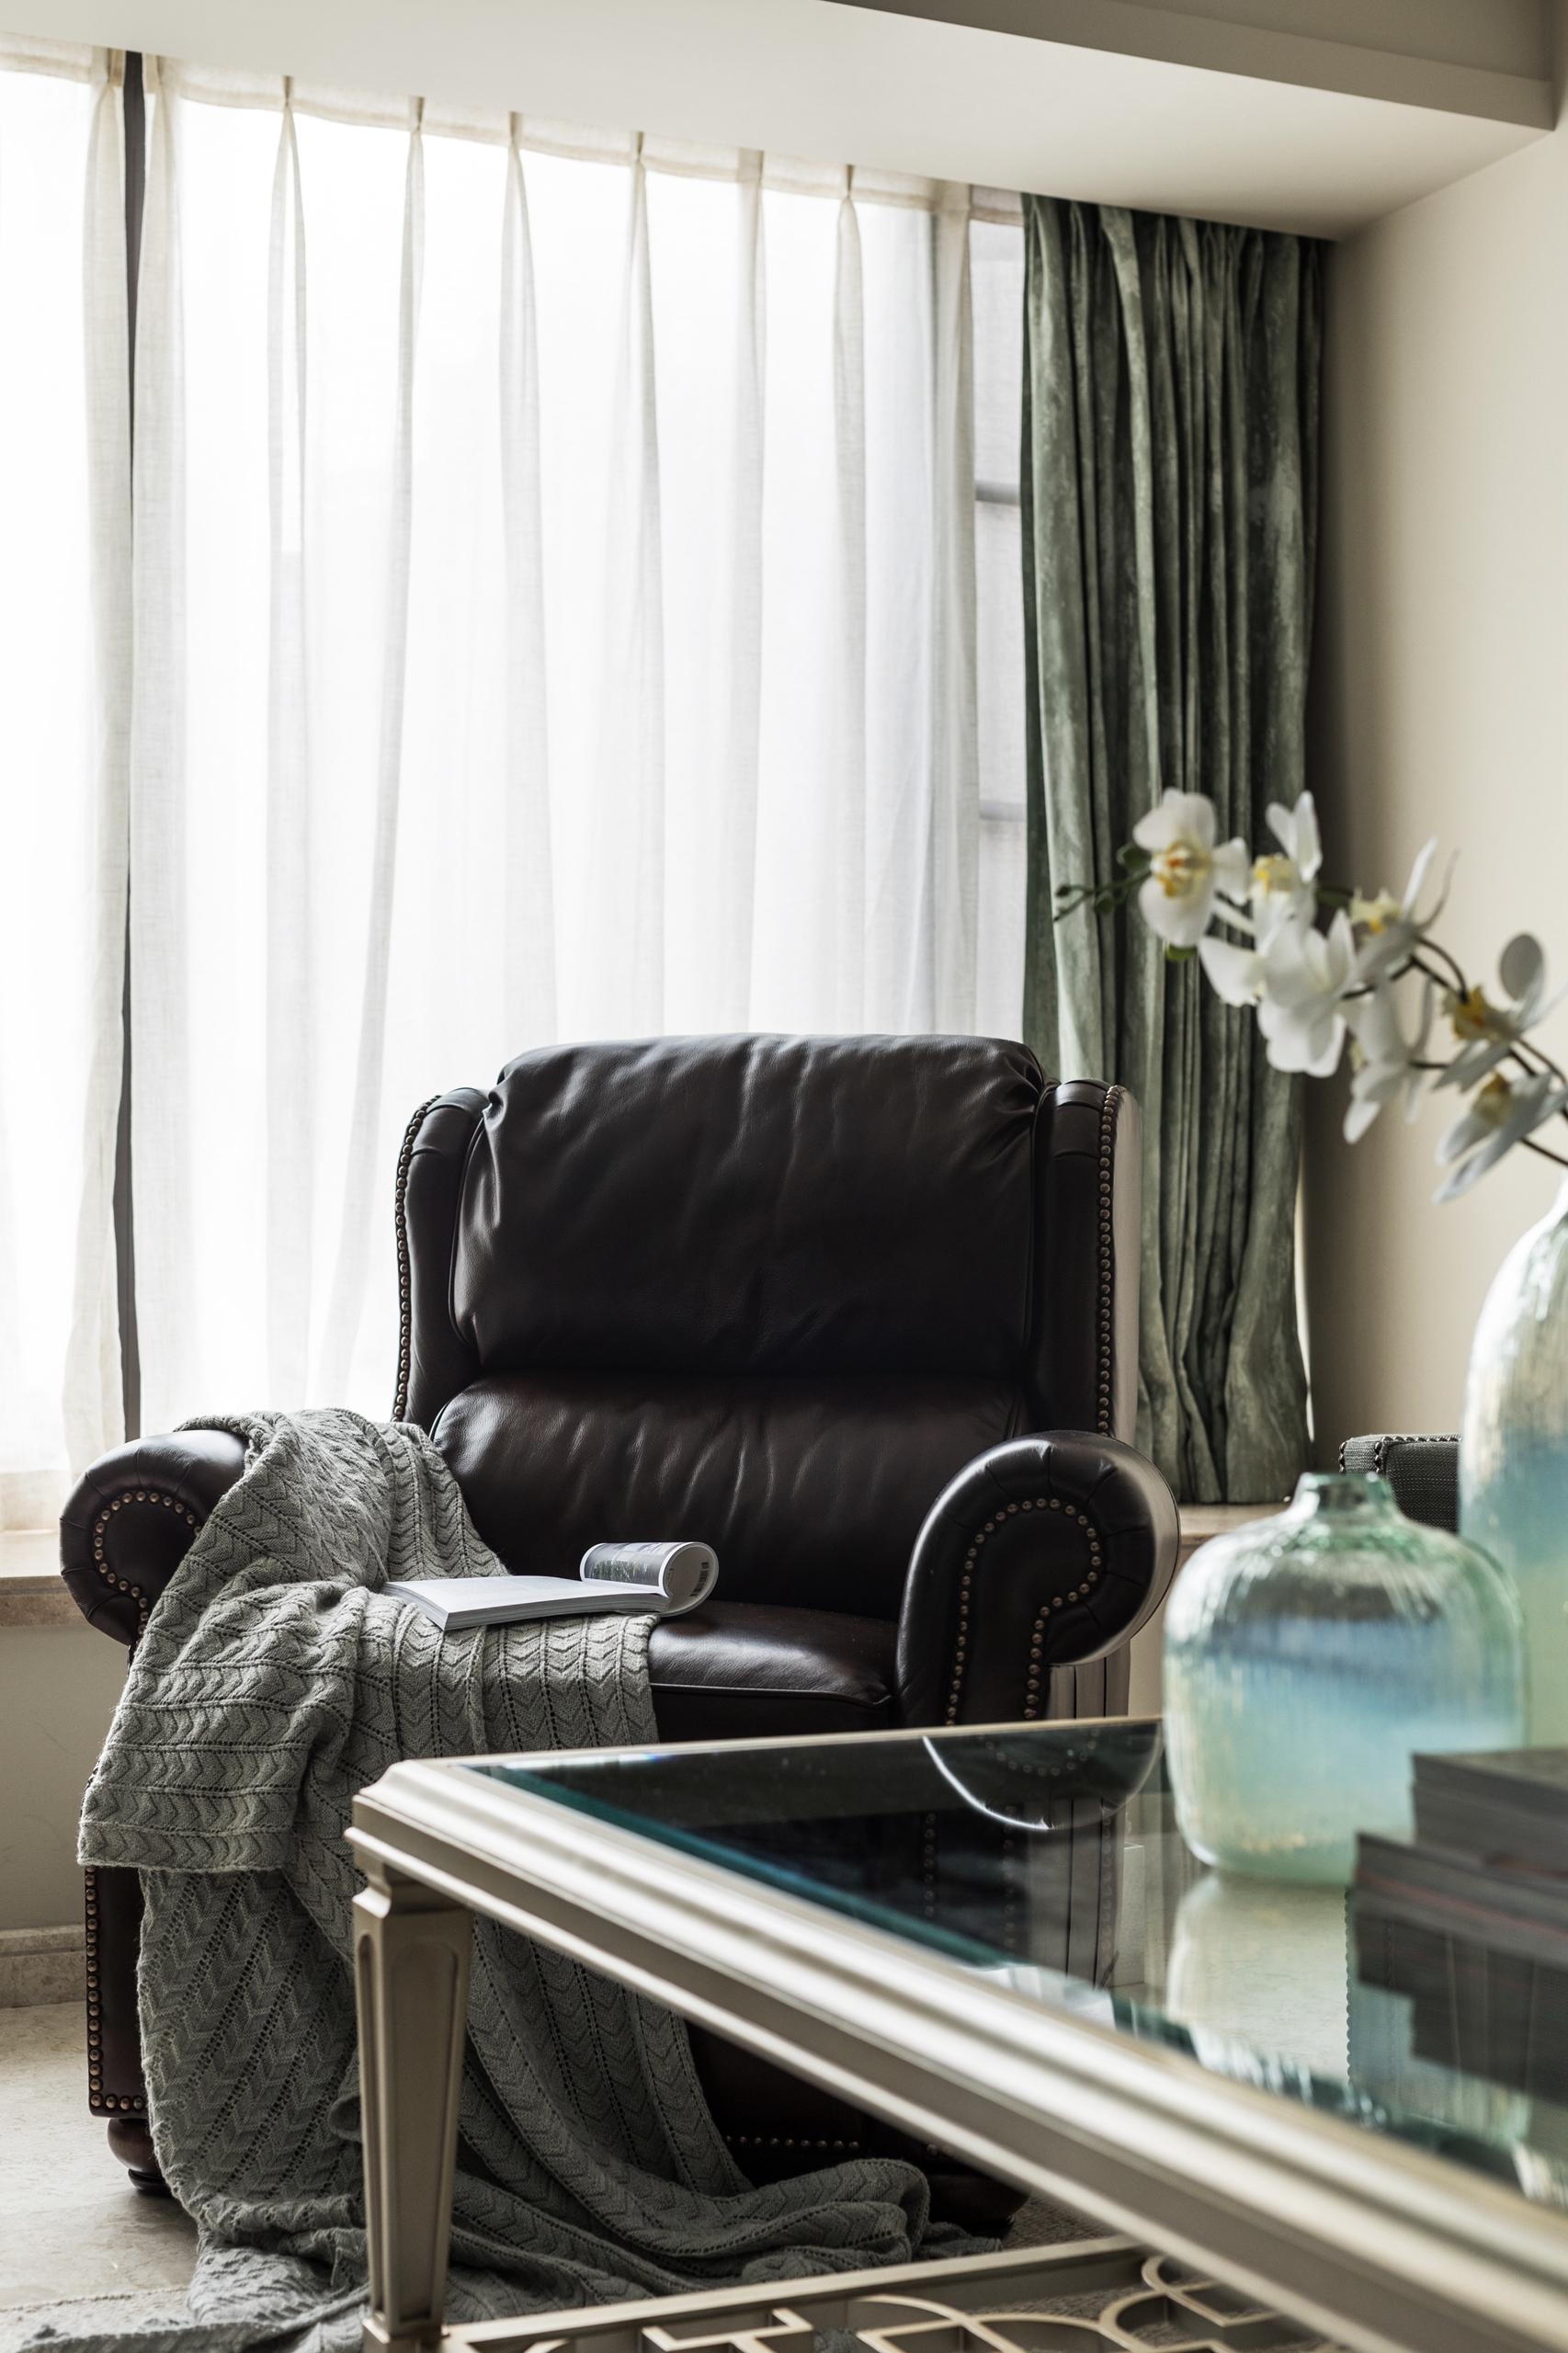 温馨124平简欧三居客厅装修图客厅窗帘2图北欧极简客厅设计图片赏析